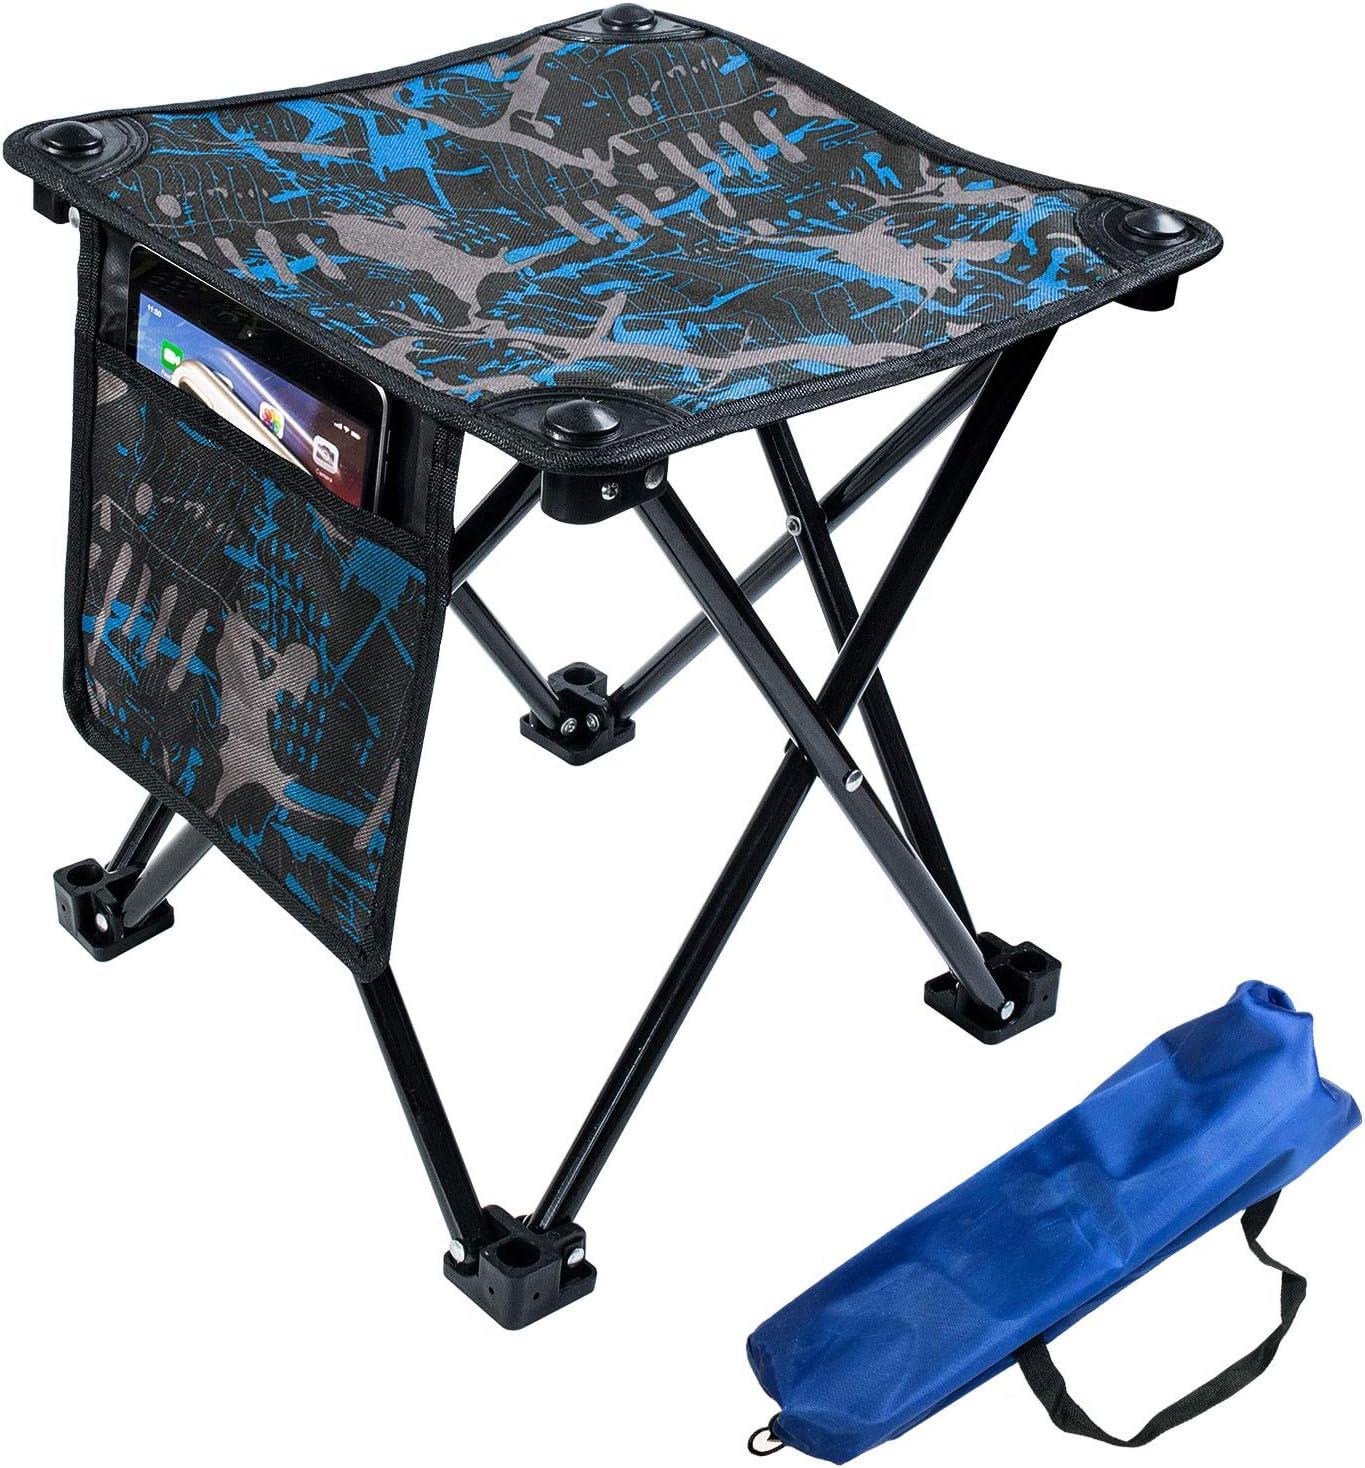 Aiwoxing Taburete Plegable Portátil Silla Portátil, Compacto Ligero para Interiores y Exteriores al Aire Libre de Camping Pesca Senderismo Camping Caza Picnic Viaje